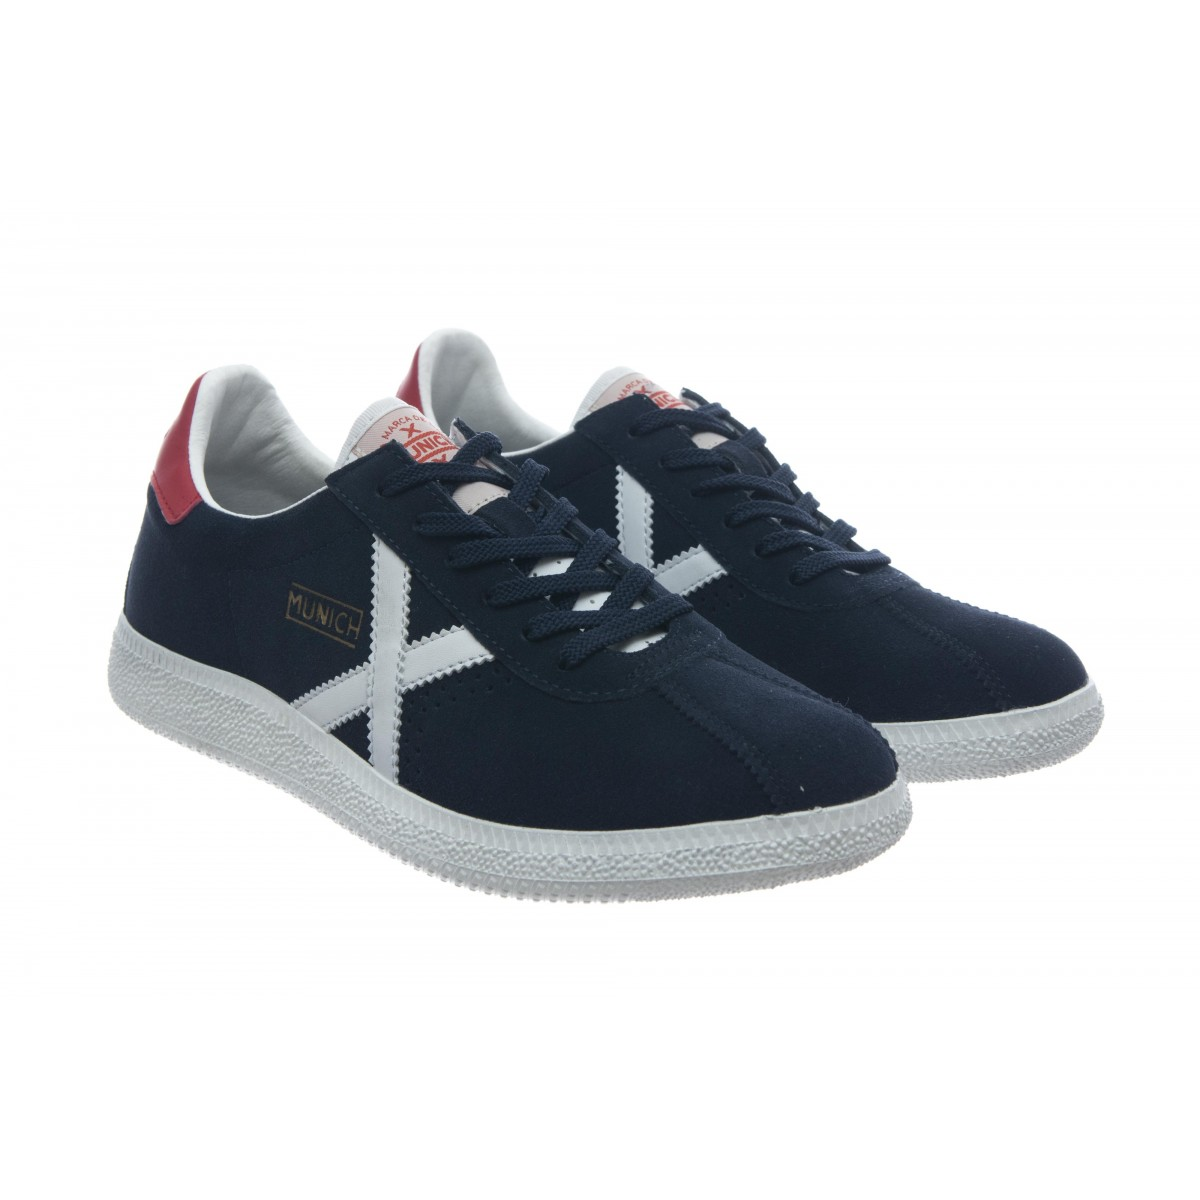 Scarpe - Barru sneakers uomo suede